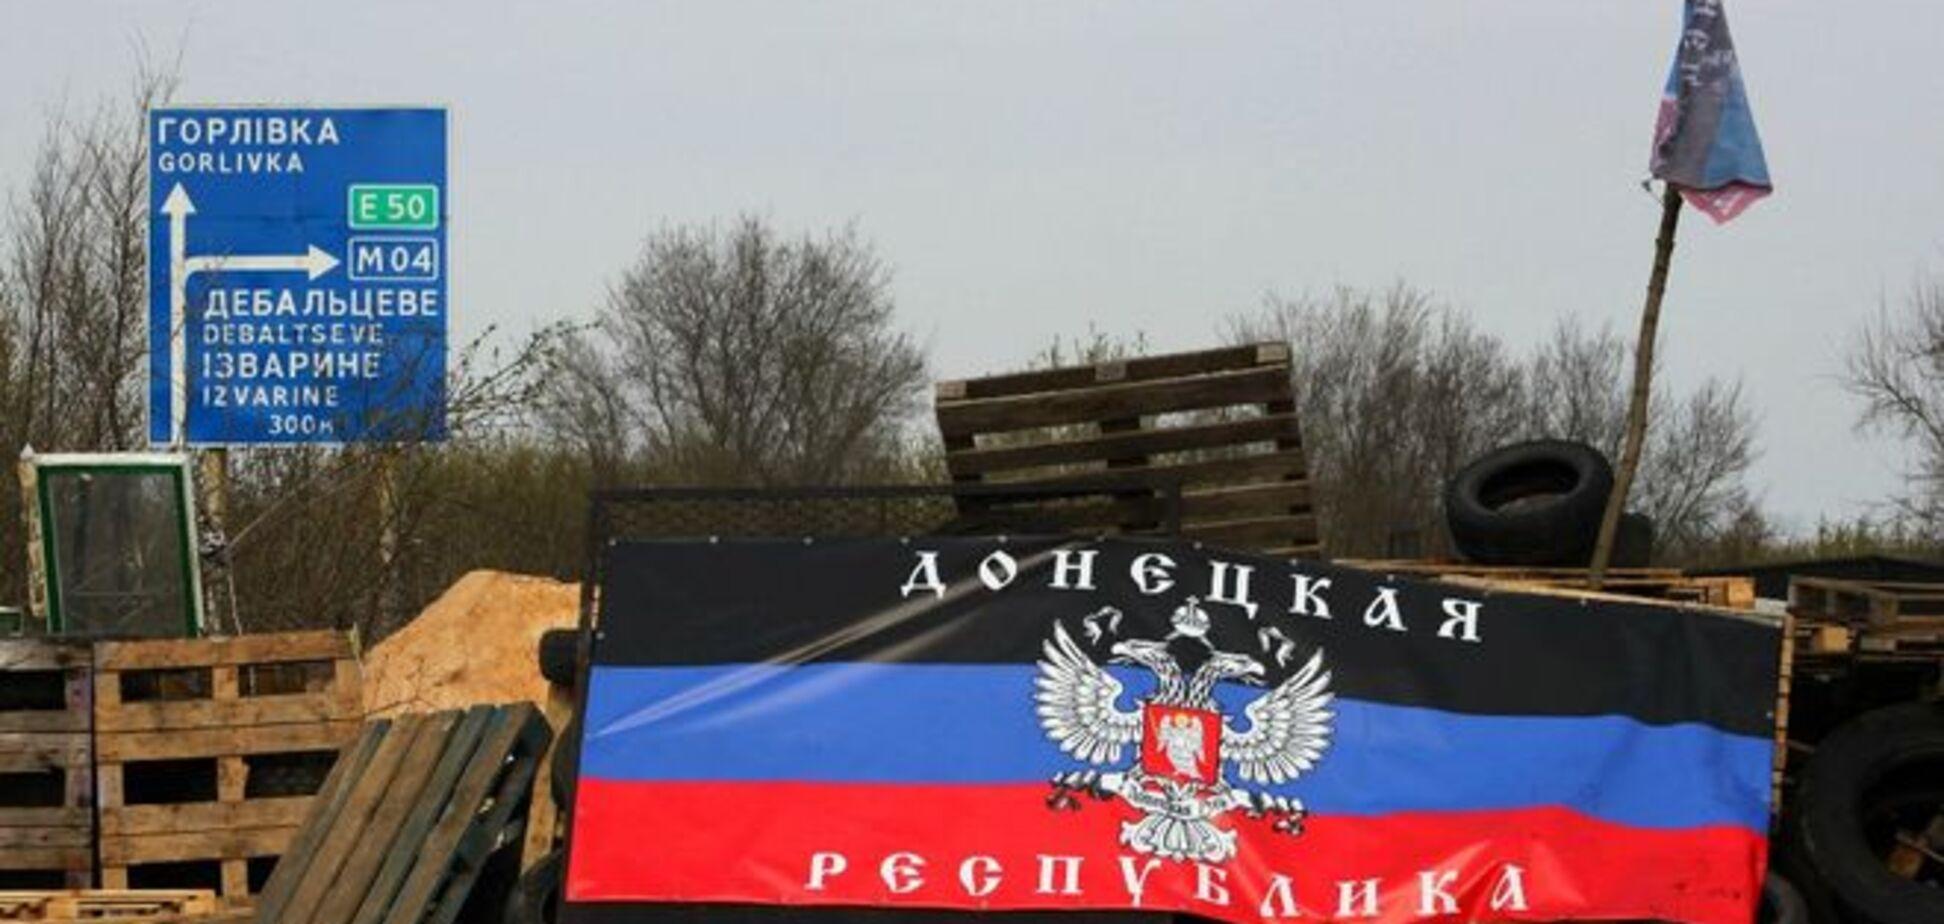 'ДНР' та 'ЛНР' розвивають 'економіку': зростає торгівля зброєю і паленою горілкою